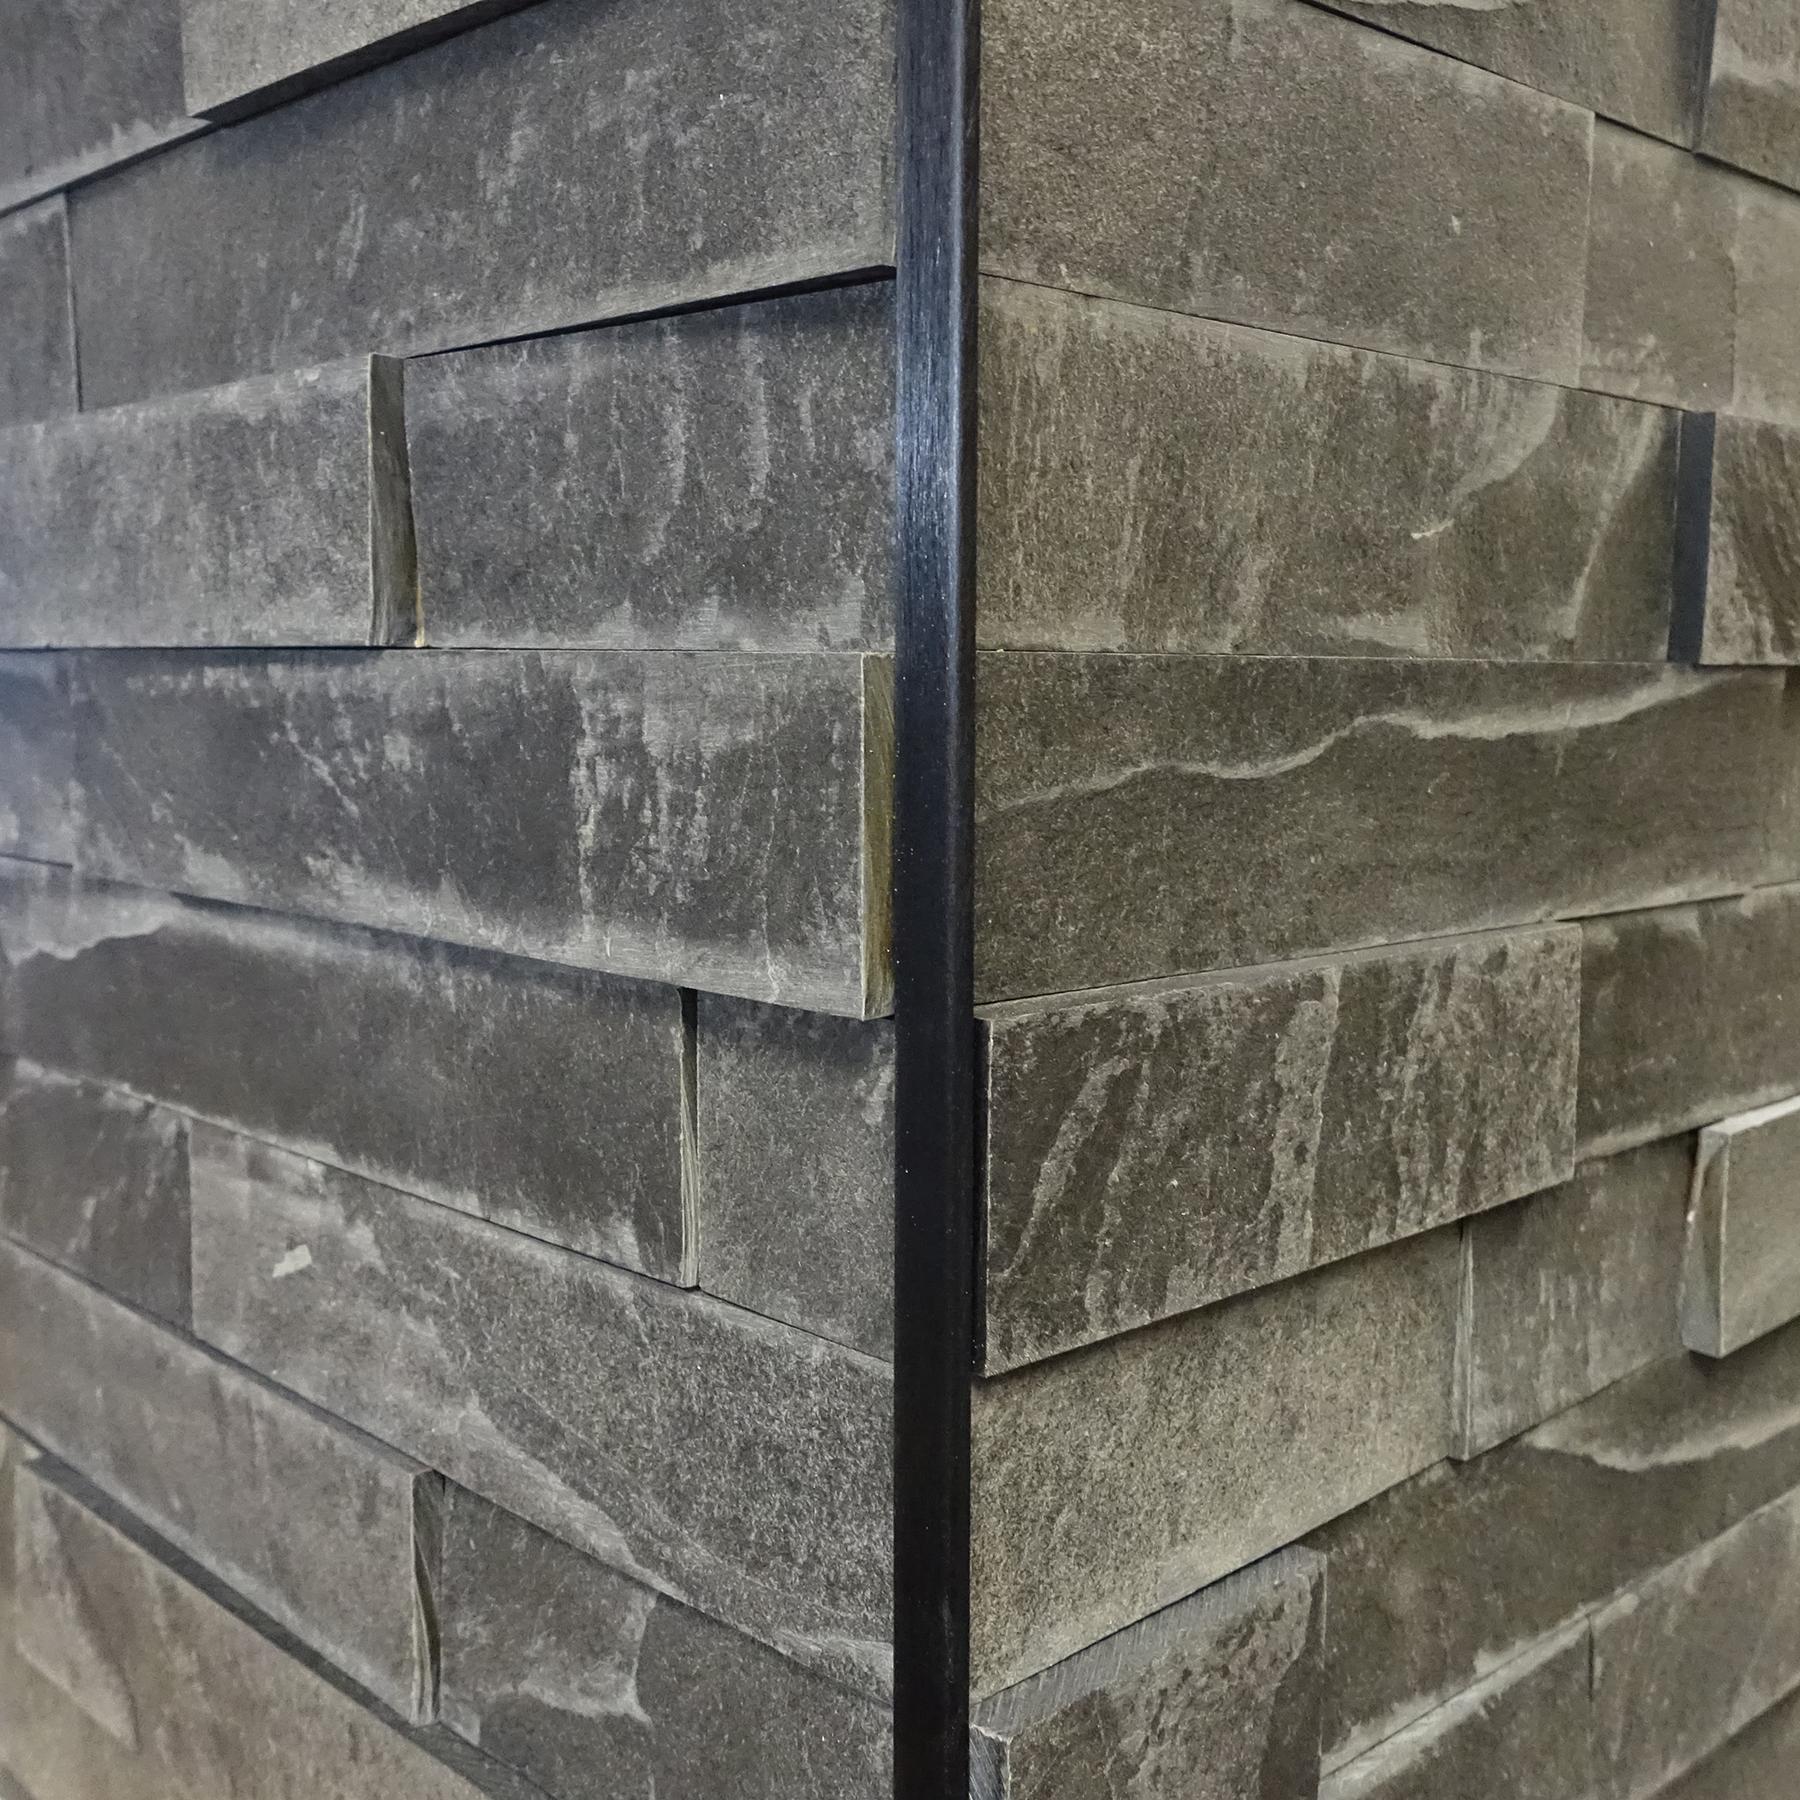 codrner tile edge.jpg